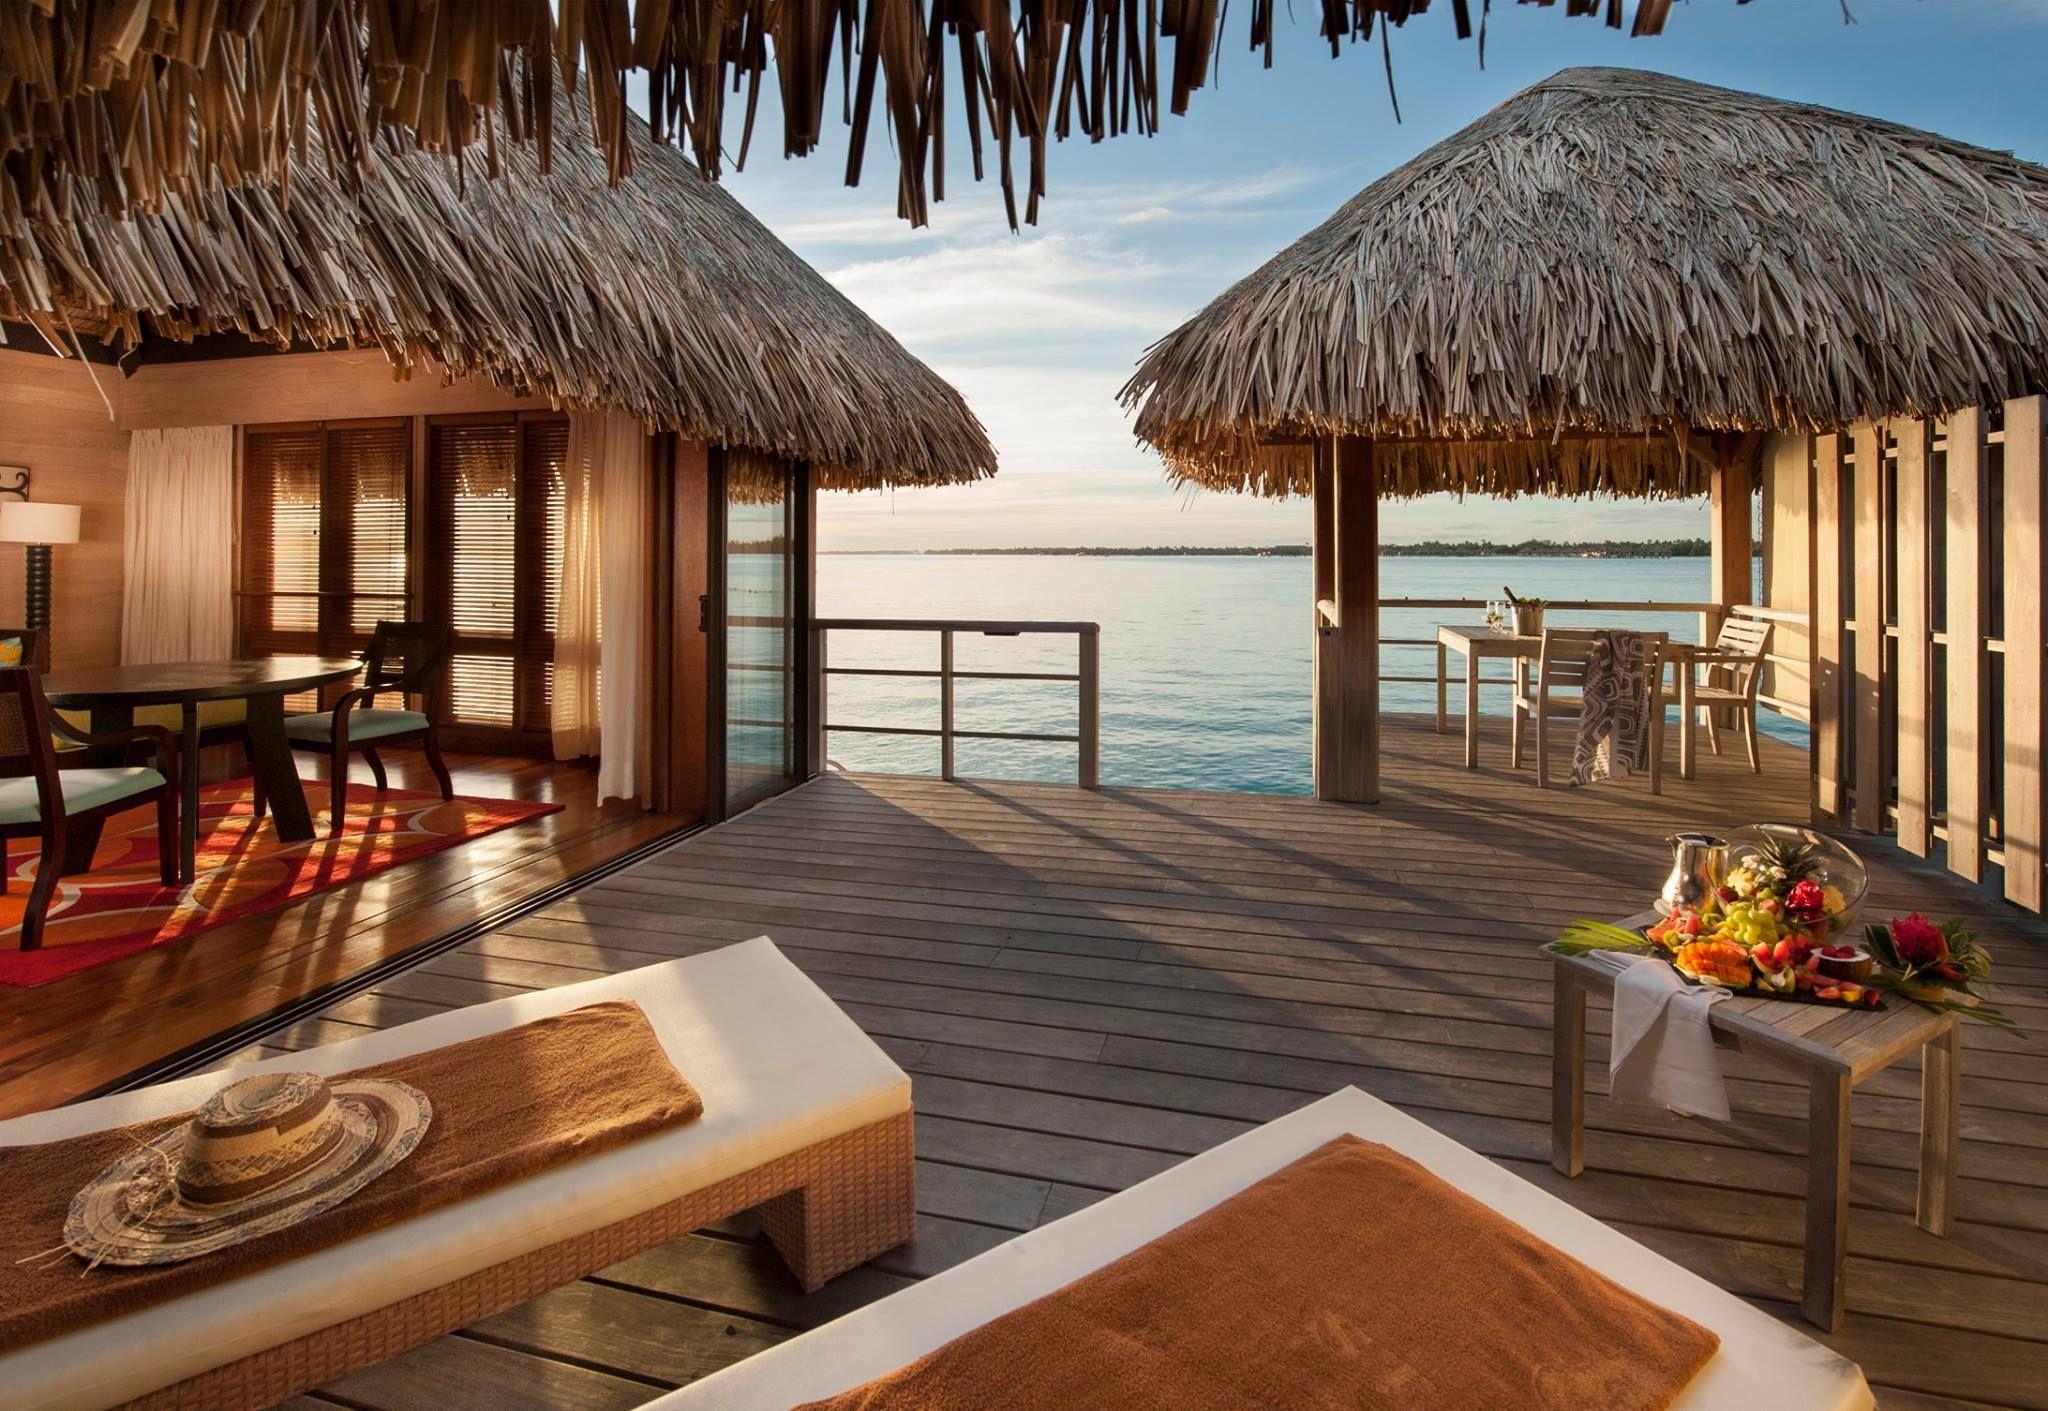 La sdraio per Lui e la sdraio per Lei... perché è importante avere i propri spazi, anche in vacanza. #SRBB #LOVESRBB #Polinesia #BoraBora #amore #StRegisBoraBora